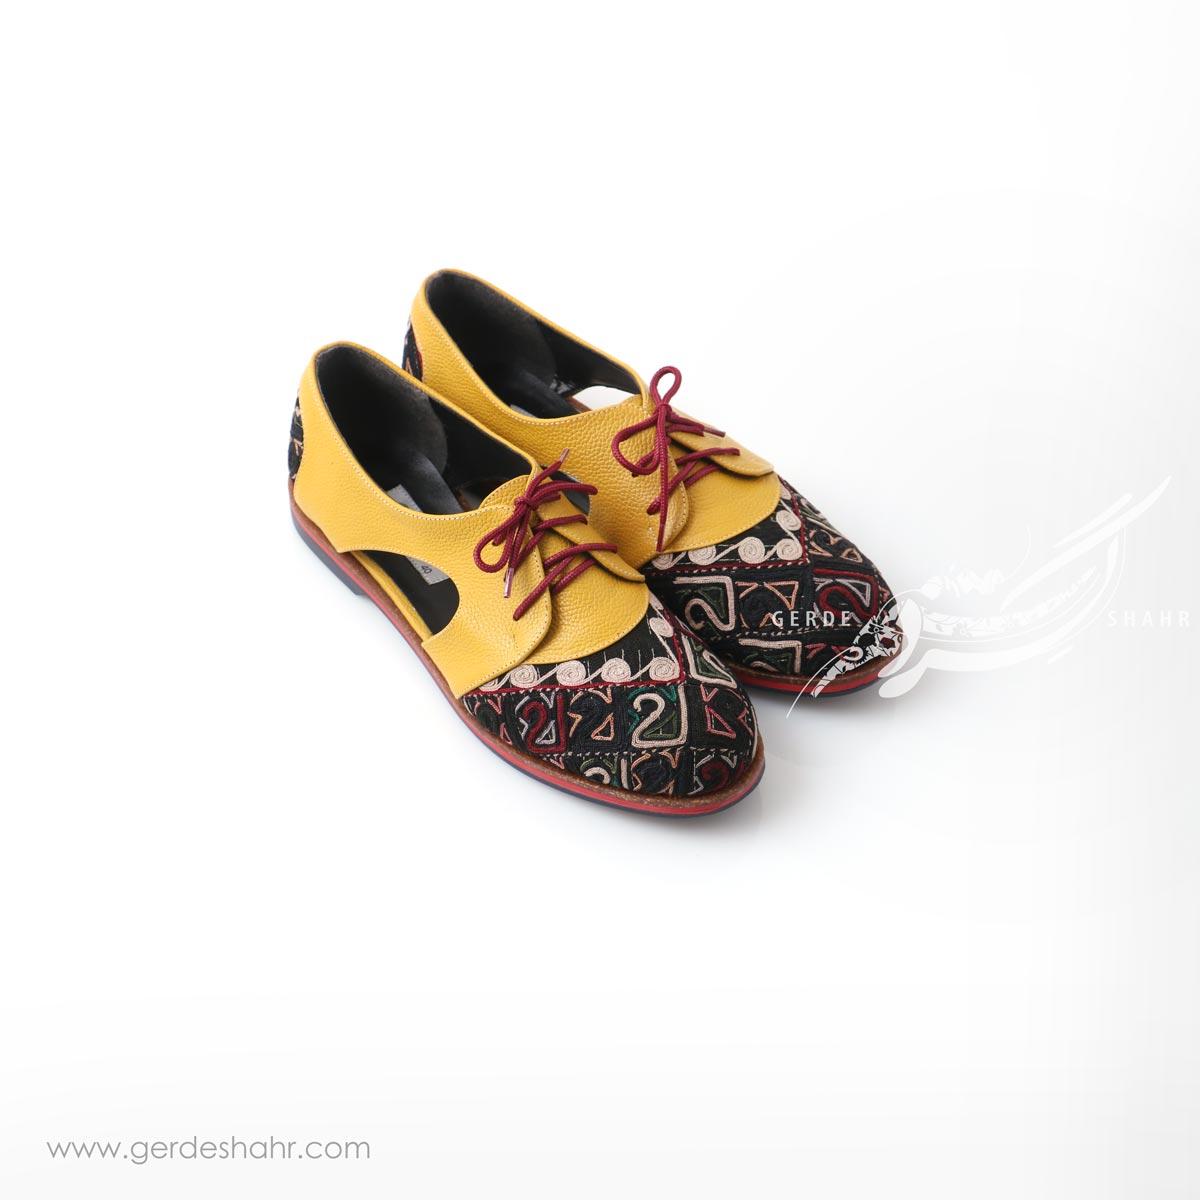 کفش دست دوز زرد سوزندوزی ترکمن سایز 40 چاوان گنجه رخت